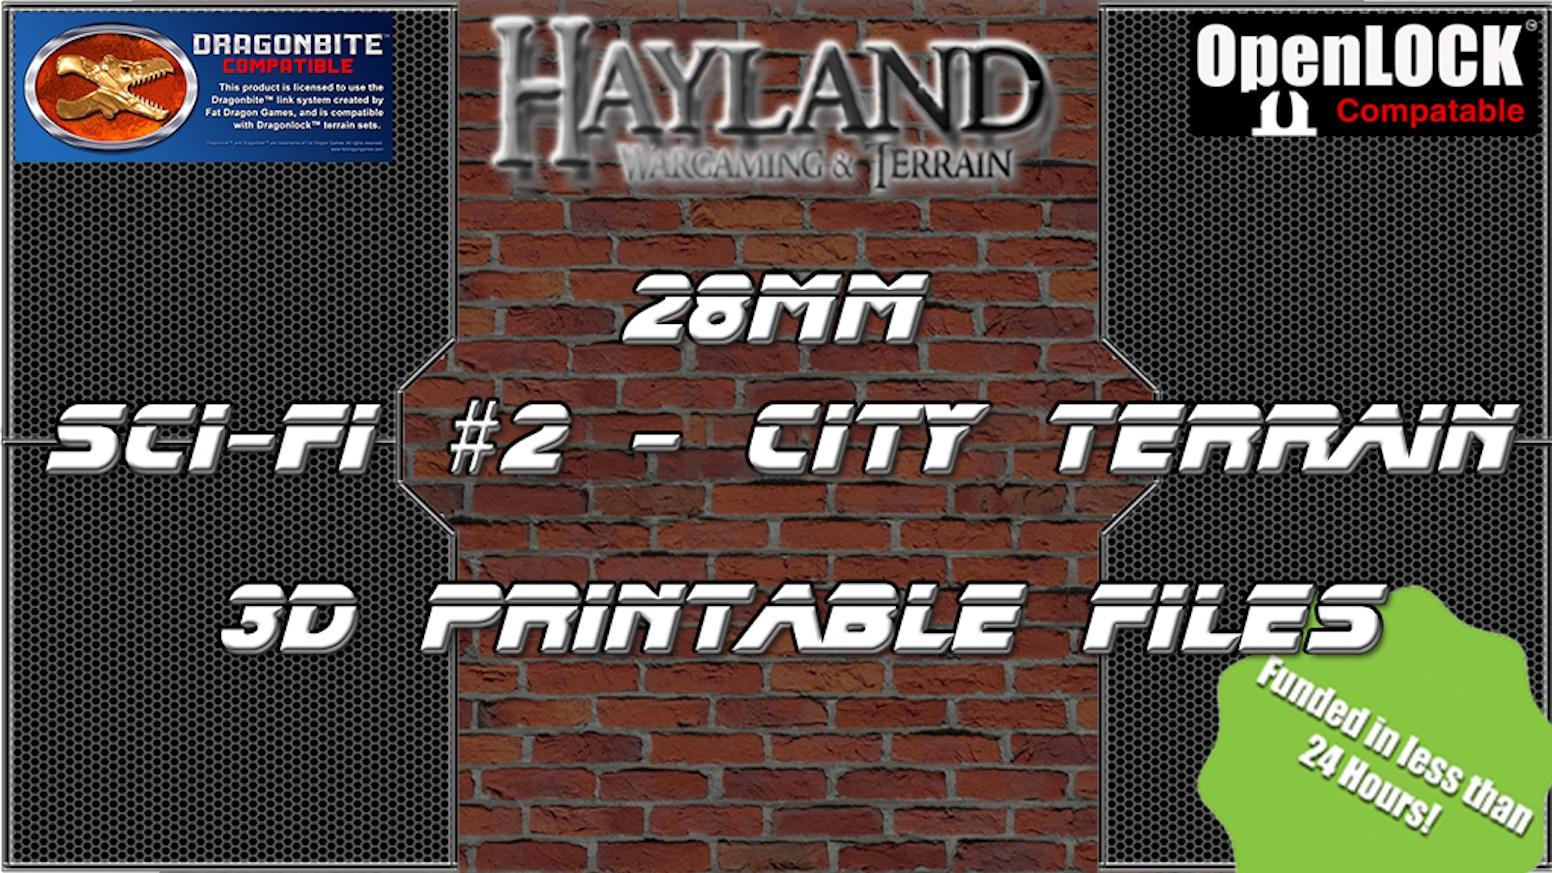 28mm Sci-fi #2 - City Terrain  - Dragonbite - OpenLOCK - 3d Printable Files for 28mm Gaming! - STL FILES